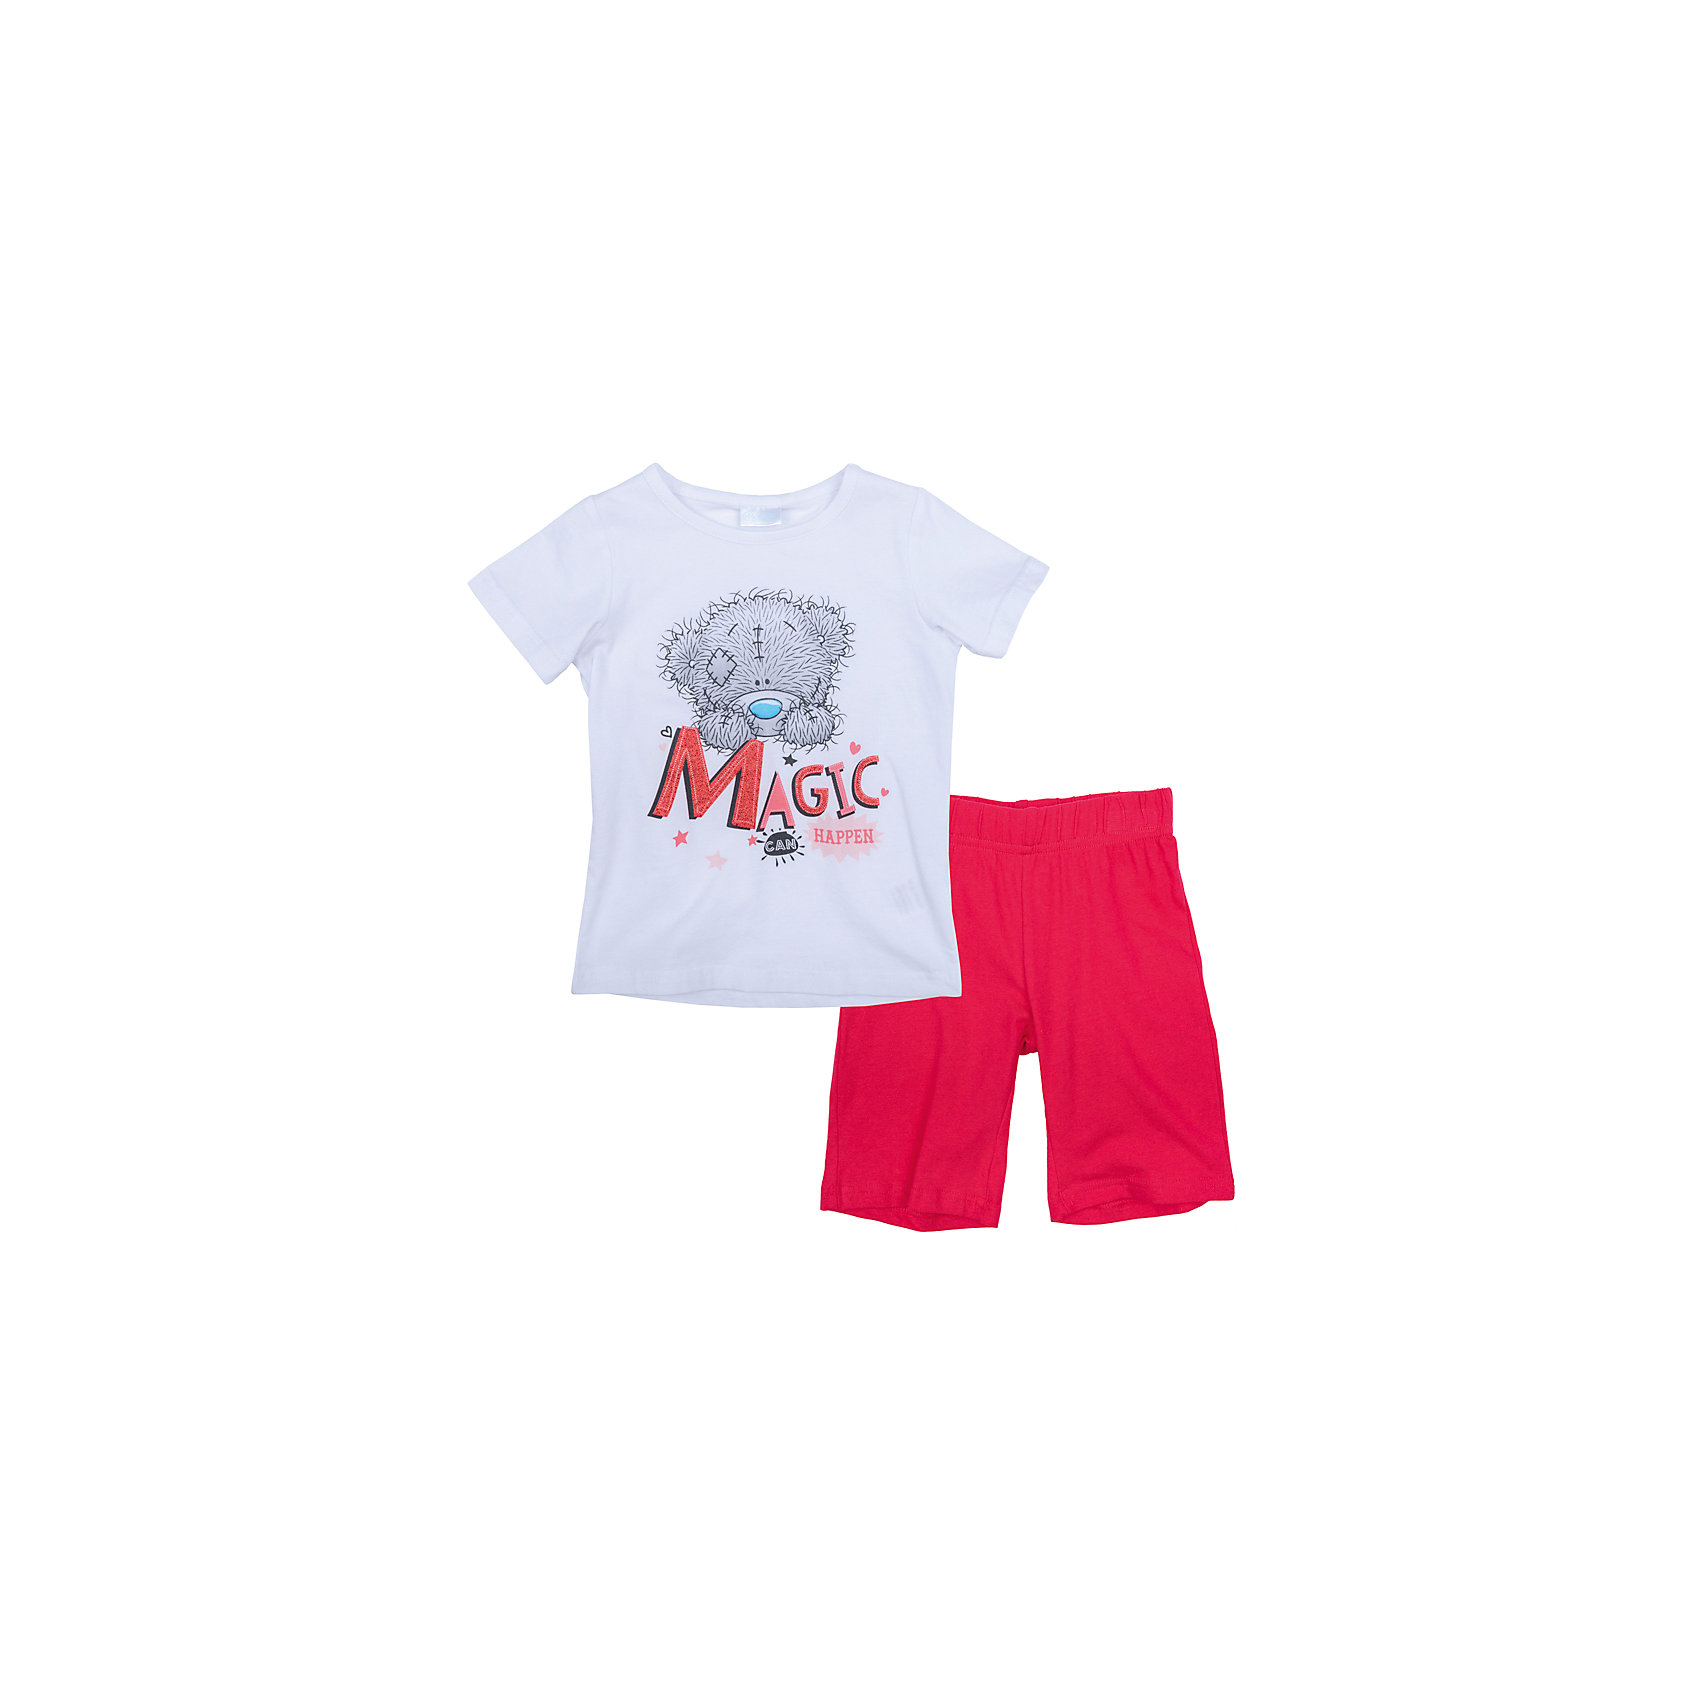 Комплект для девочки PlayTodayКомплект для девочки PlayToday<br>Комплект из майки и шорт прекрасно подойдет для домашнего использования. Может быть и домашней одеждой, и уютной пижамой. Мягкий, приятный к телу, материал не сковывает движений. Яркий стильный принт Disney  является достойным украшением данного изделия.Преимущества: Свободный классический крой не сковывает движения ребенкаМожет быть удобной домашней одеждой и уютной пижамой.Яркий стильный принт<br>Состав:<br>95% хлопок, 5% эластан<br><br>Ширина мм: 199<br>Глубина мм: 10<br>Высота мм: 161<br>Вес г: 151<br>Цвет: разноцветный<br>Возраст от месяцев: 36<br>Возраст до месяцев: 48<br>Пол: Женский<br>Возраст: Детский<br>Размер: 104,110,116,122,128,98<br>SKU: 5404023